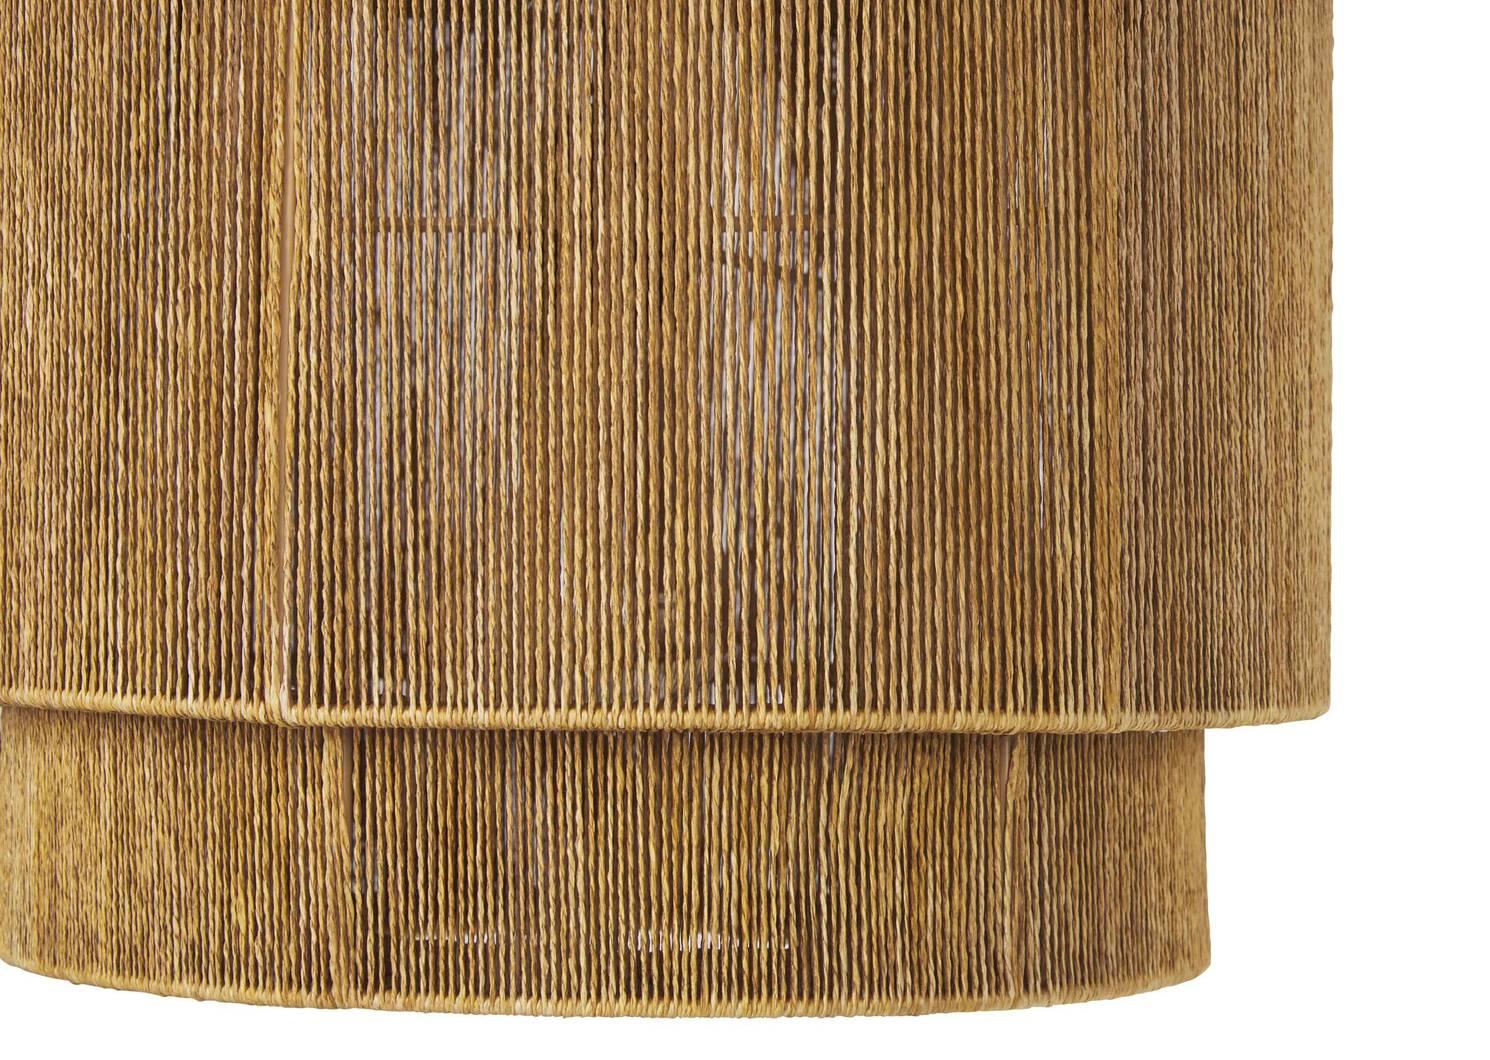 Lorelai Arc Floor Lamp